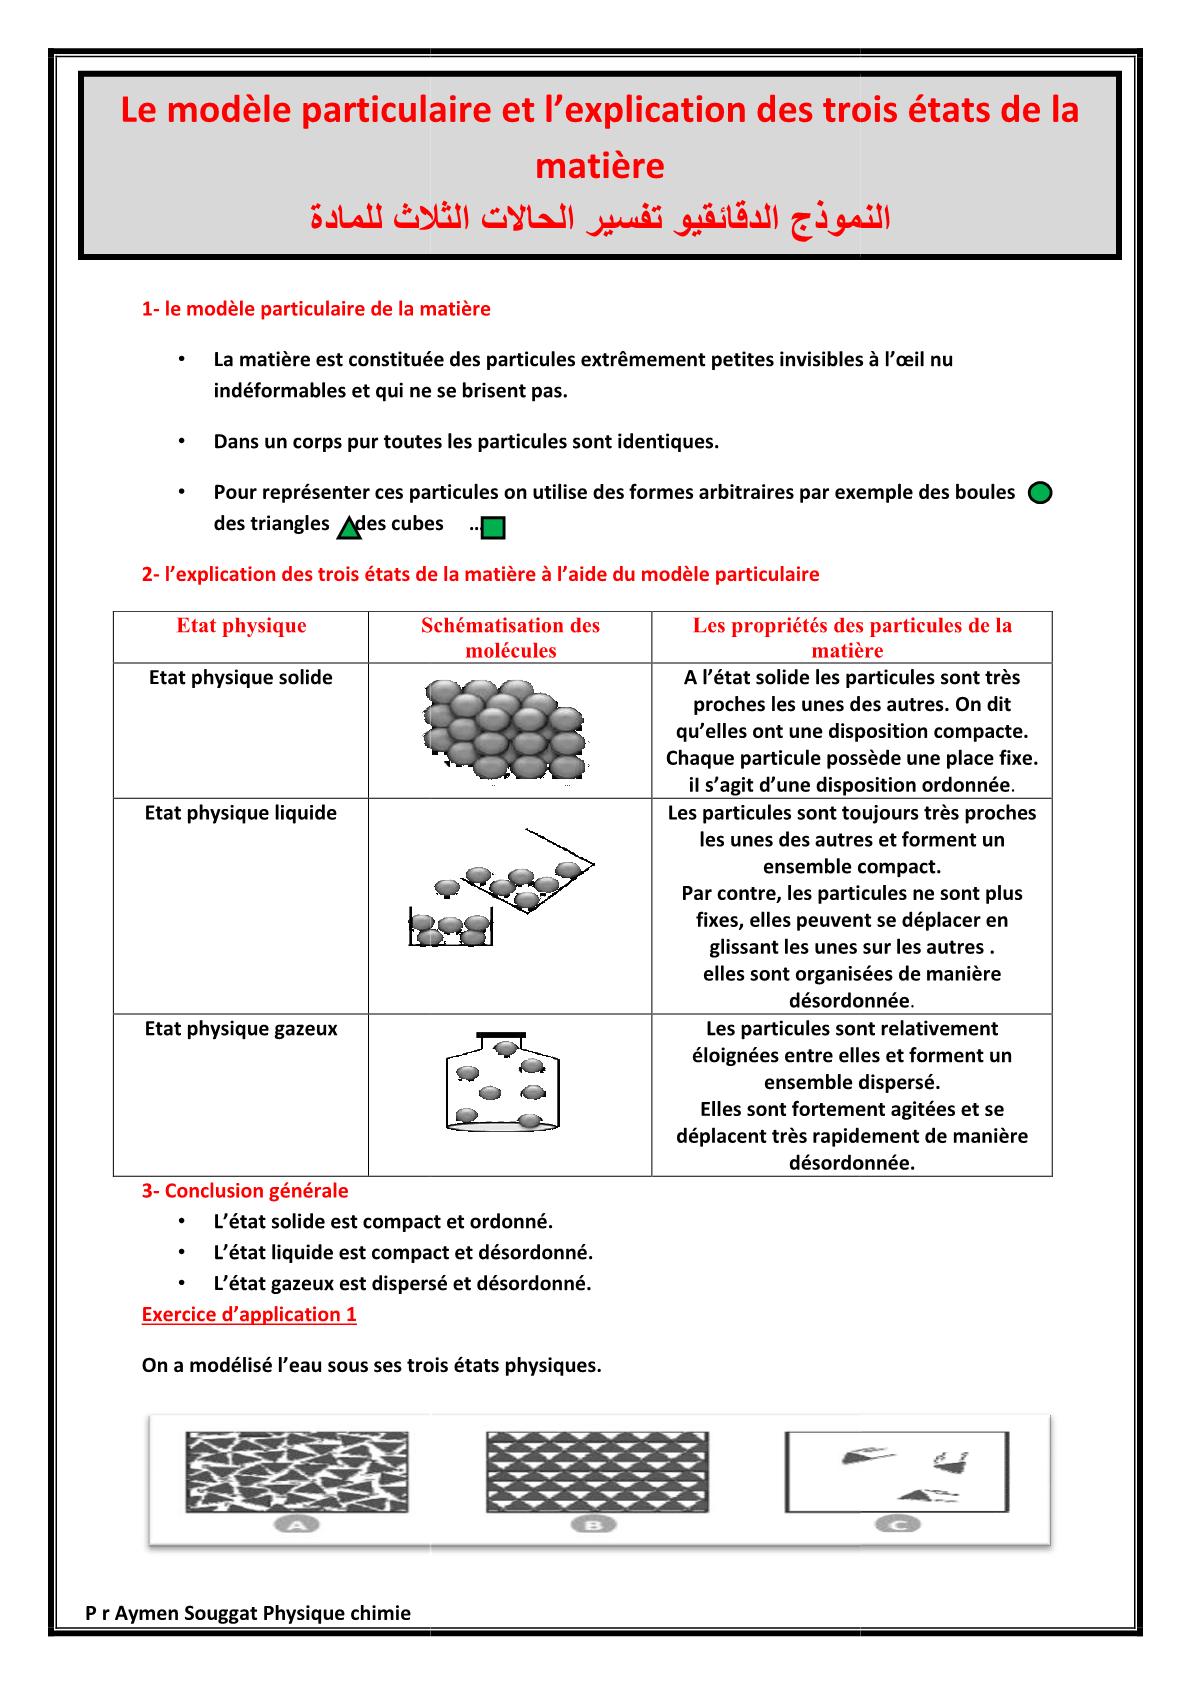 درس Le modèle particulaire de la matière للسنة الأولى اعدادي